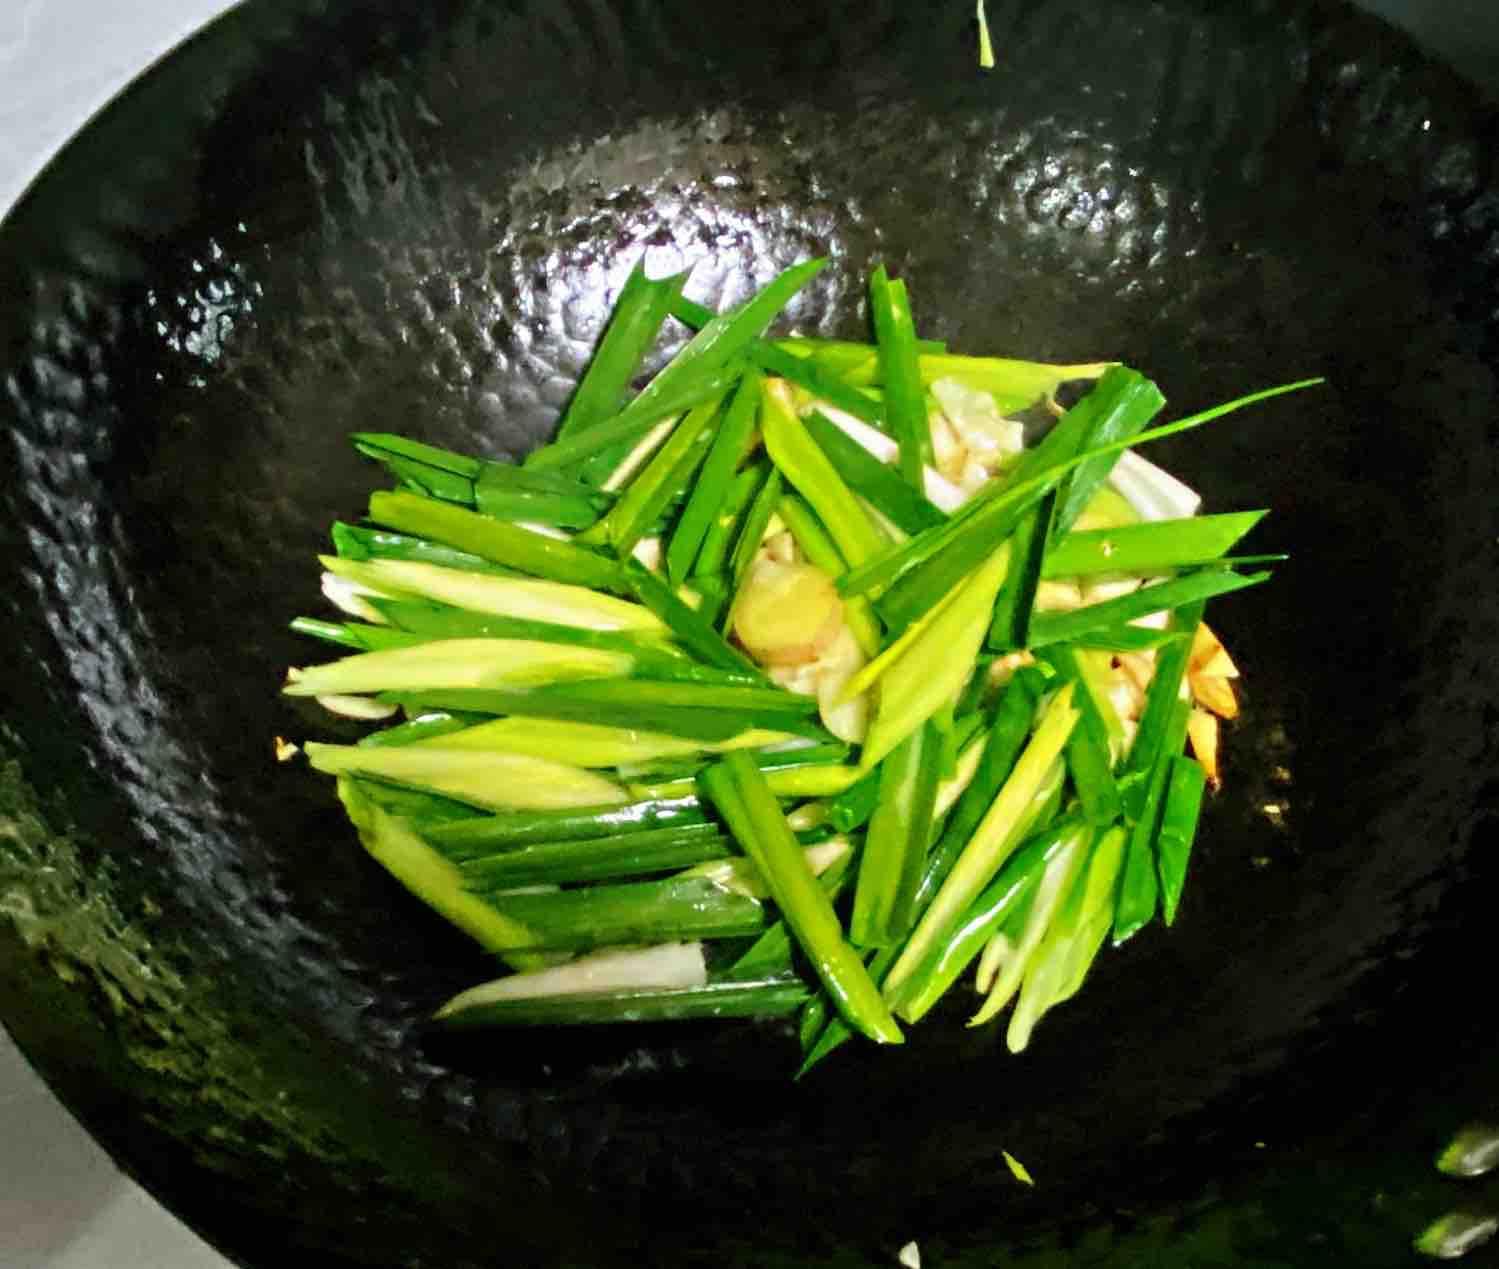 【孕妇食谱】鲍汁豆腐烧青蒜,鲜味浓郁,超级下饭~怎么炒